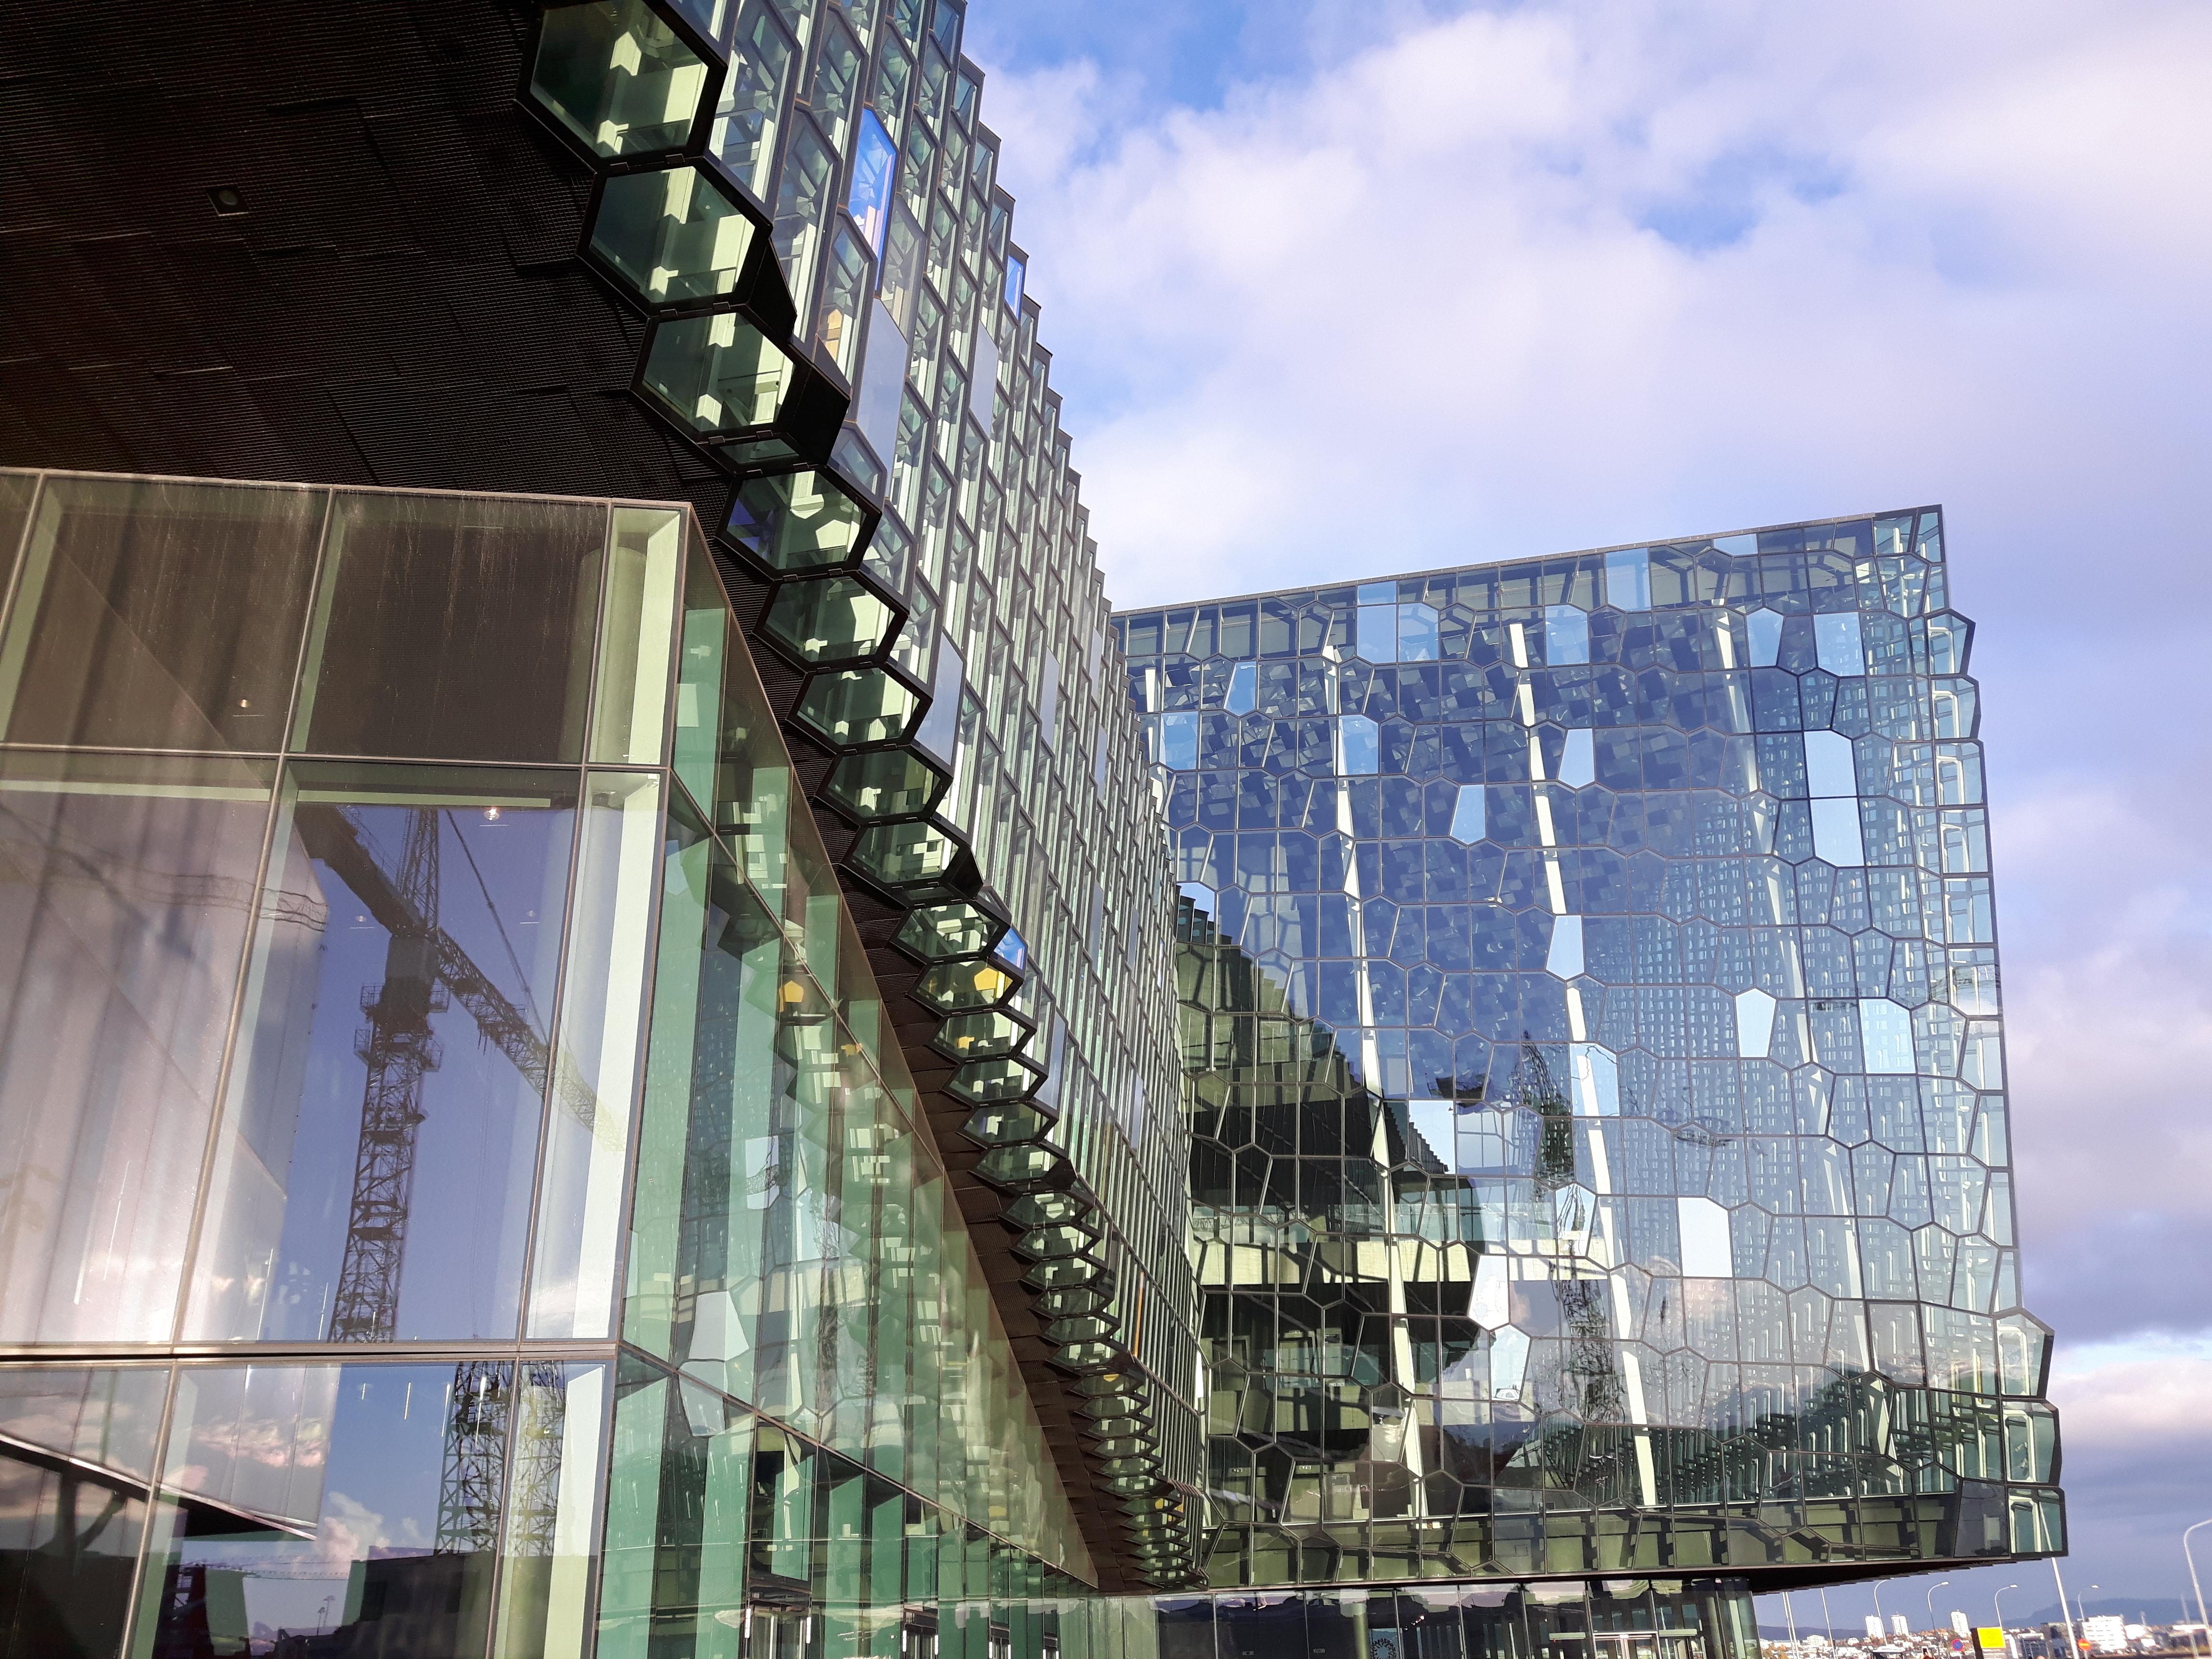 Harpa_Concert_Hall_Reykjavik_Iceland